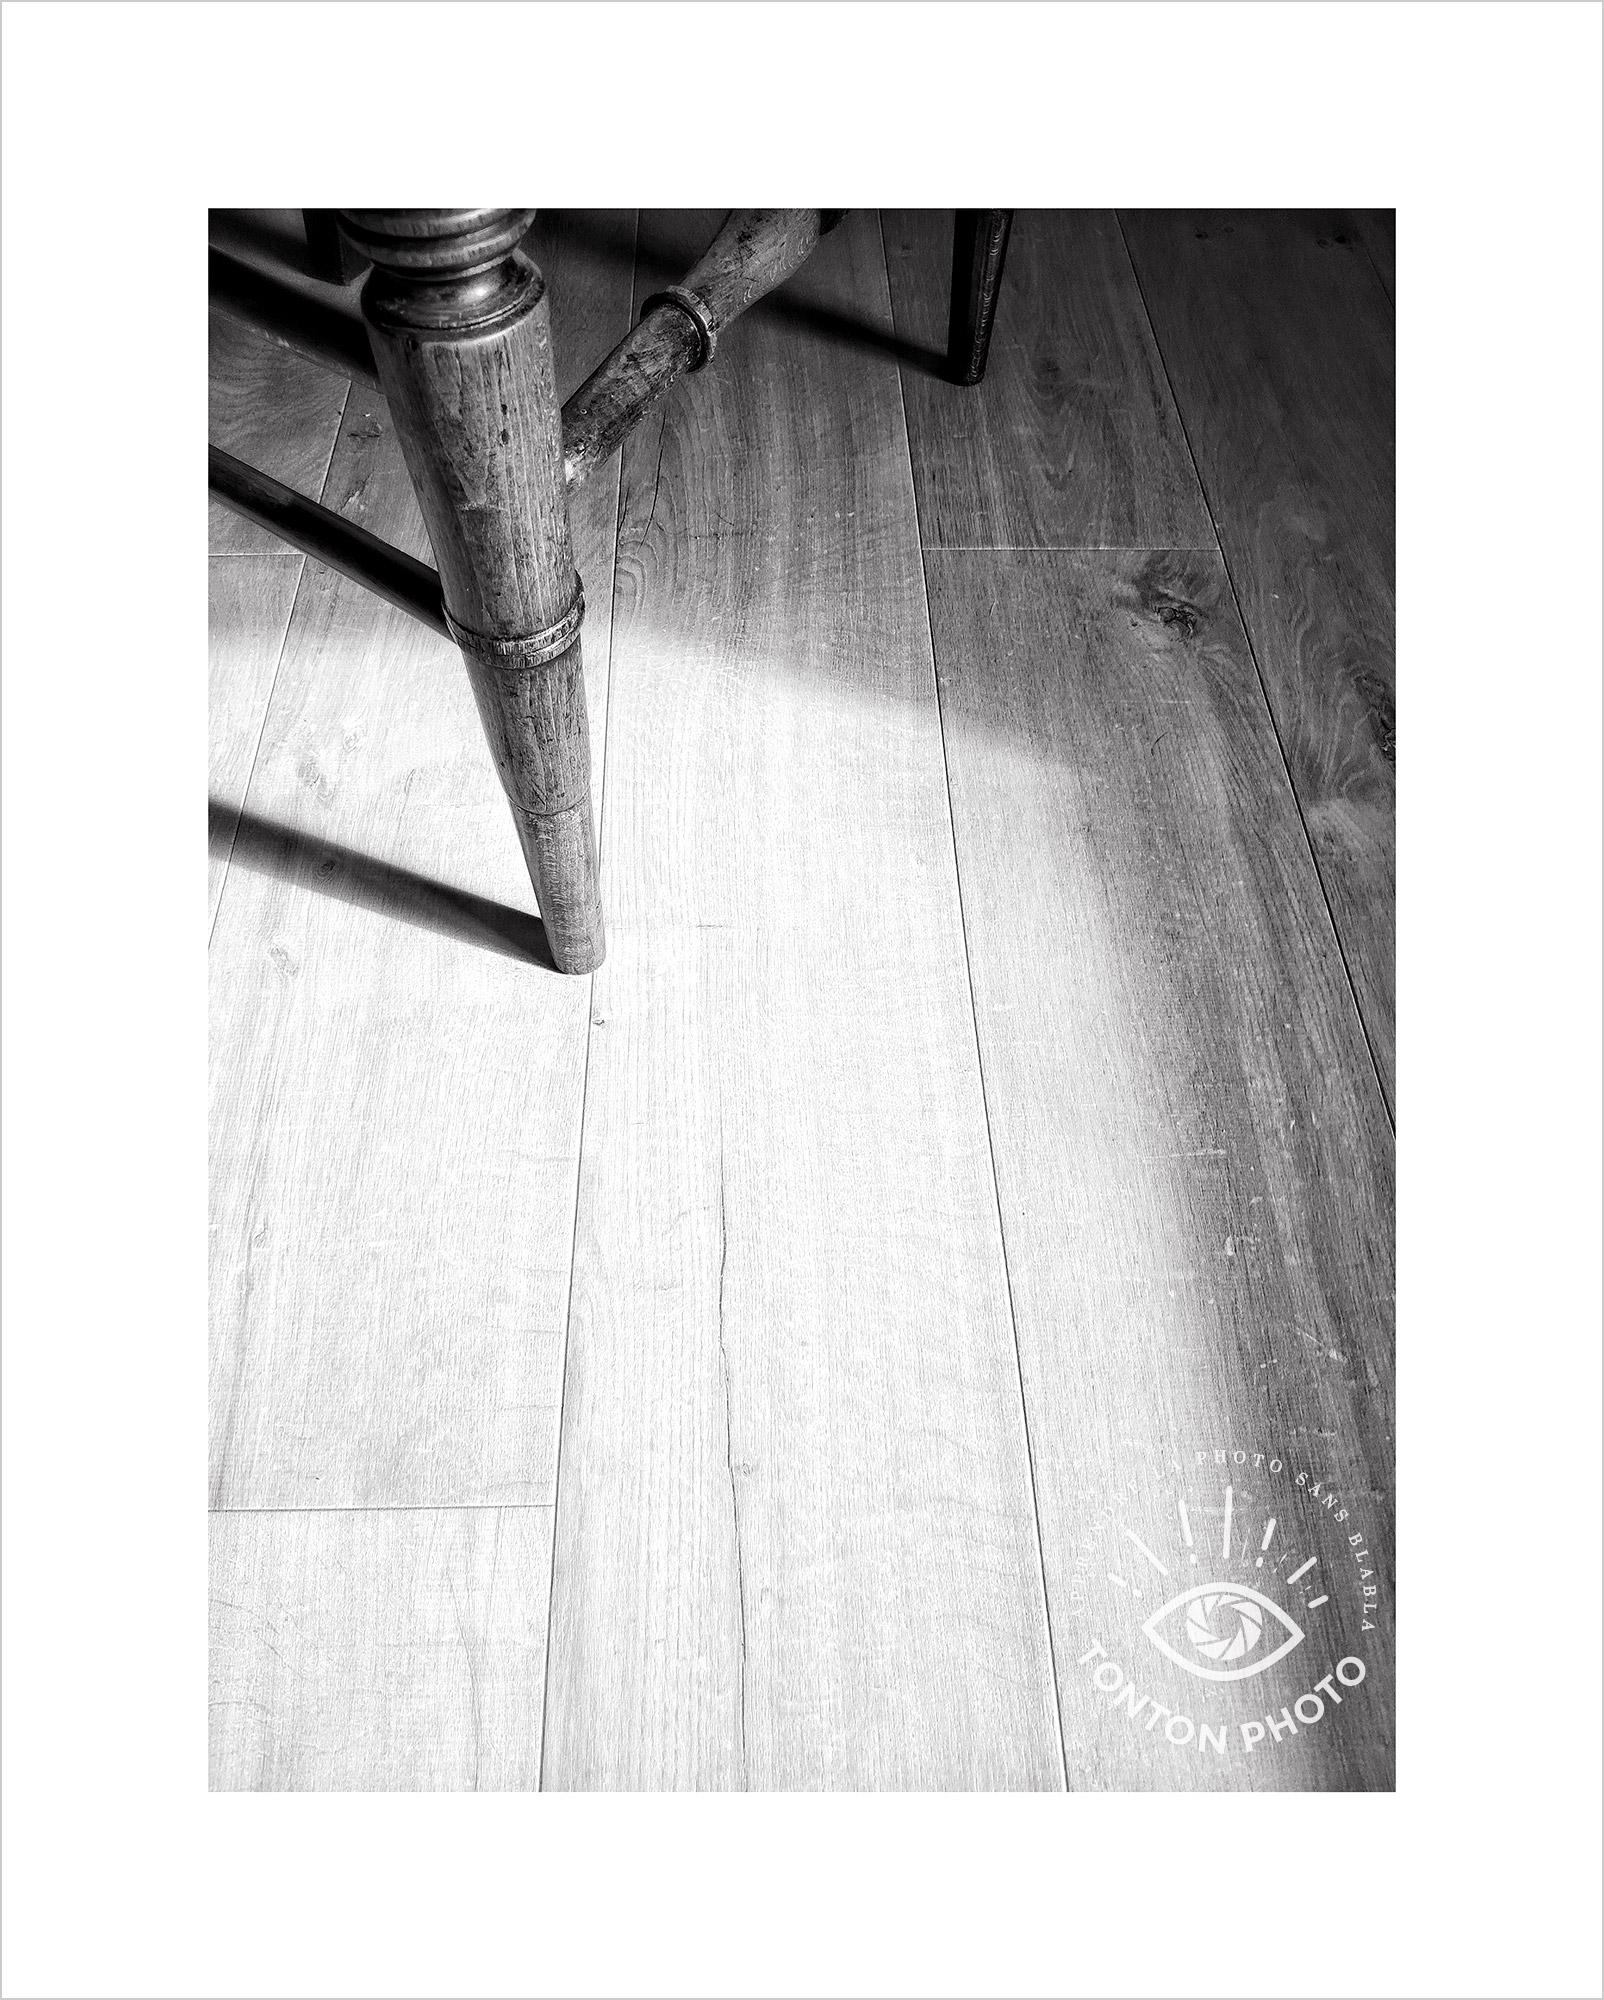 Jeu d'ombre et de lumière entre la fenêtre et la silhouette d'une chaise en bois. Photo prise au smartphone Xiaomi Mi Mix 3 © Tonton Photo